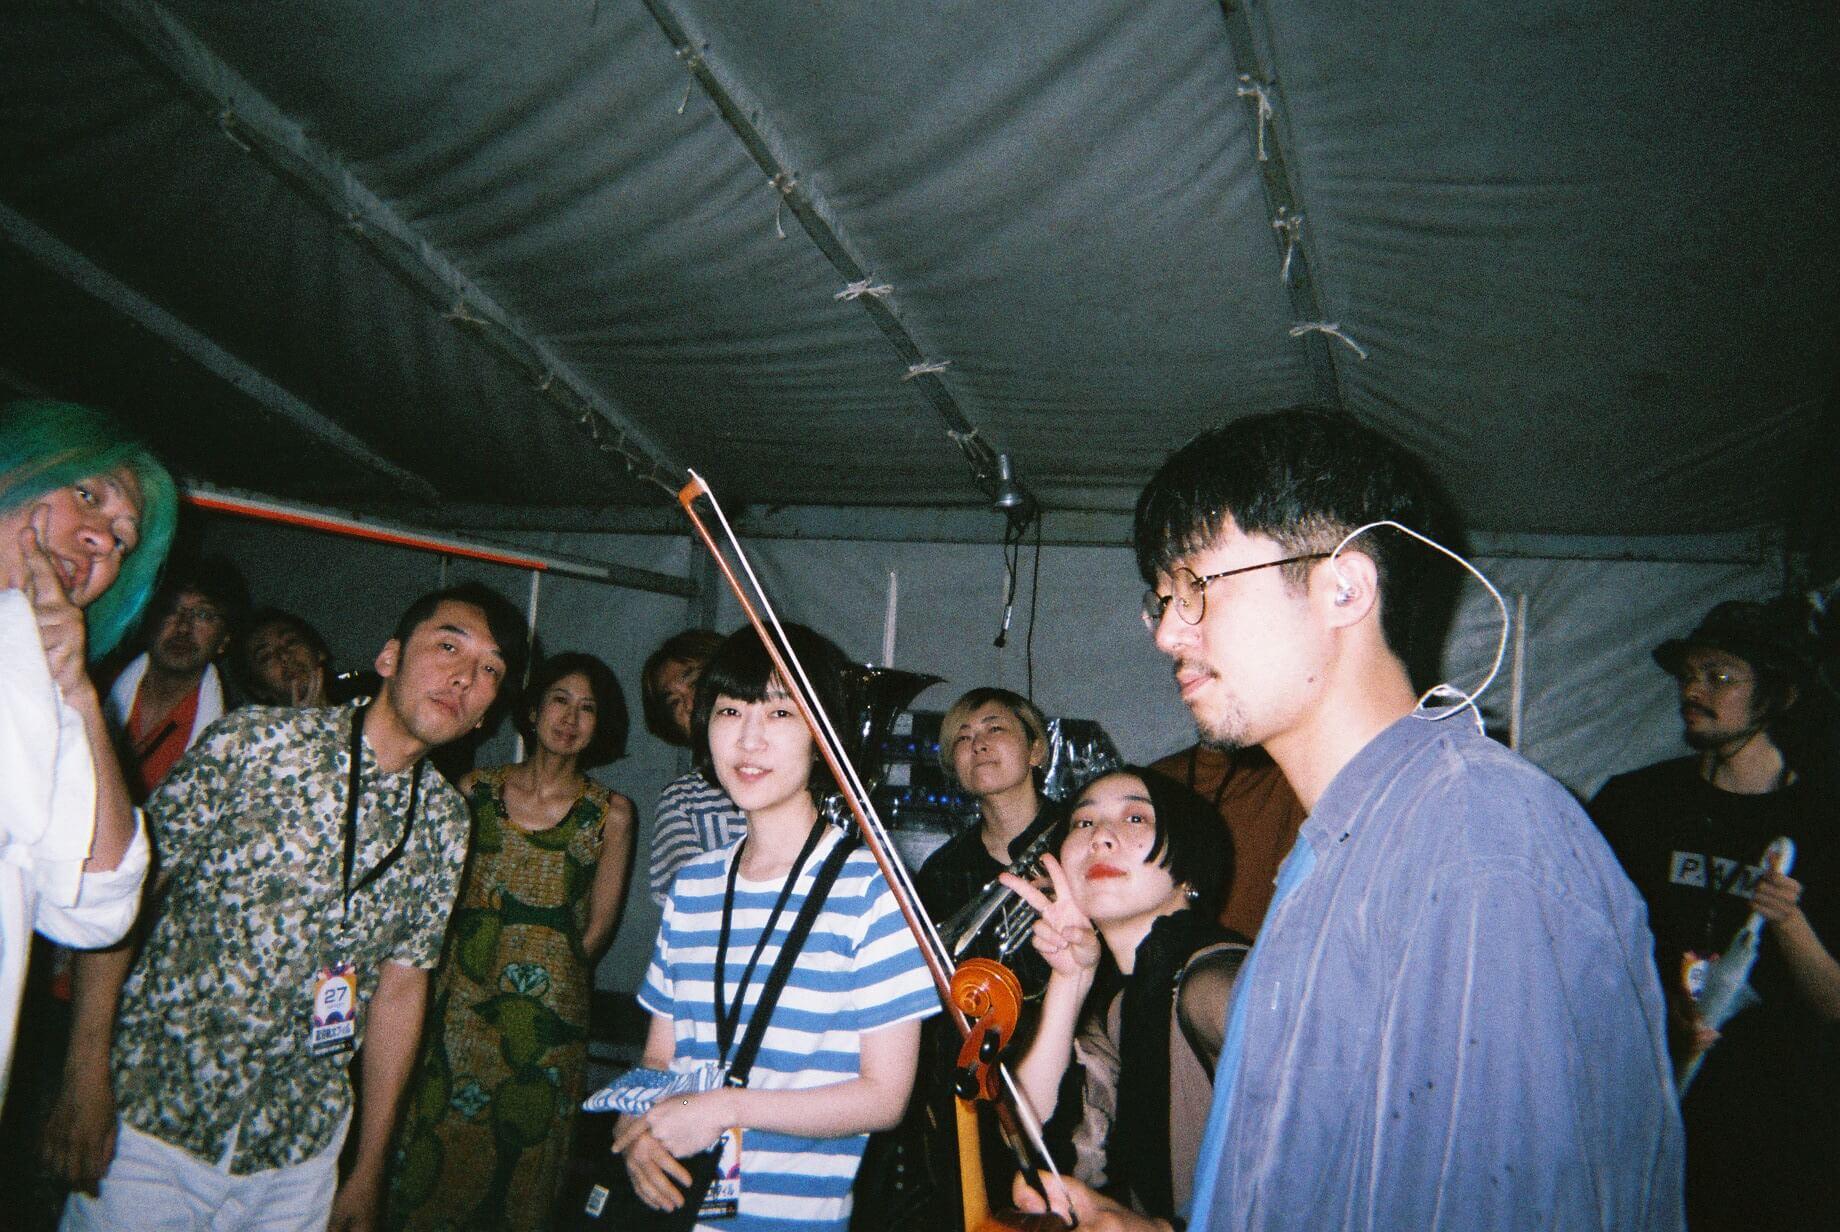 フェスレポート|蓮沼執太フィルが切り取る<FUJI ROCK FESTIVAL'19> music190808_frf_hasunumashutafill_13.jpg